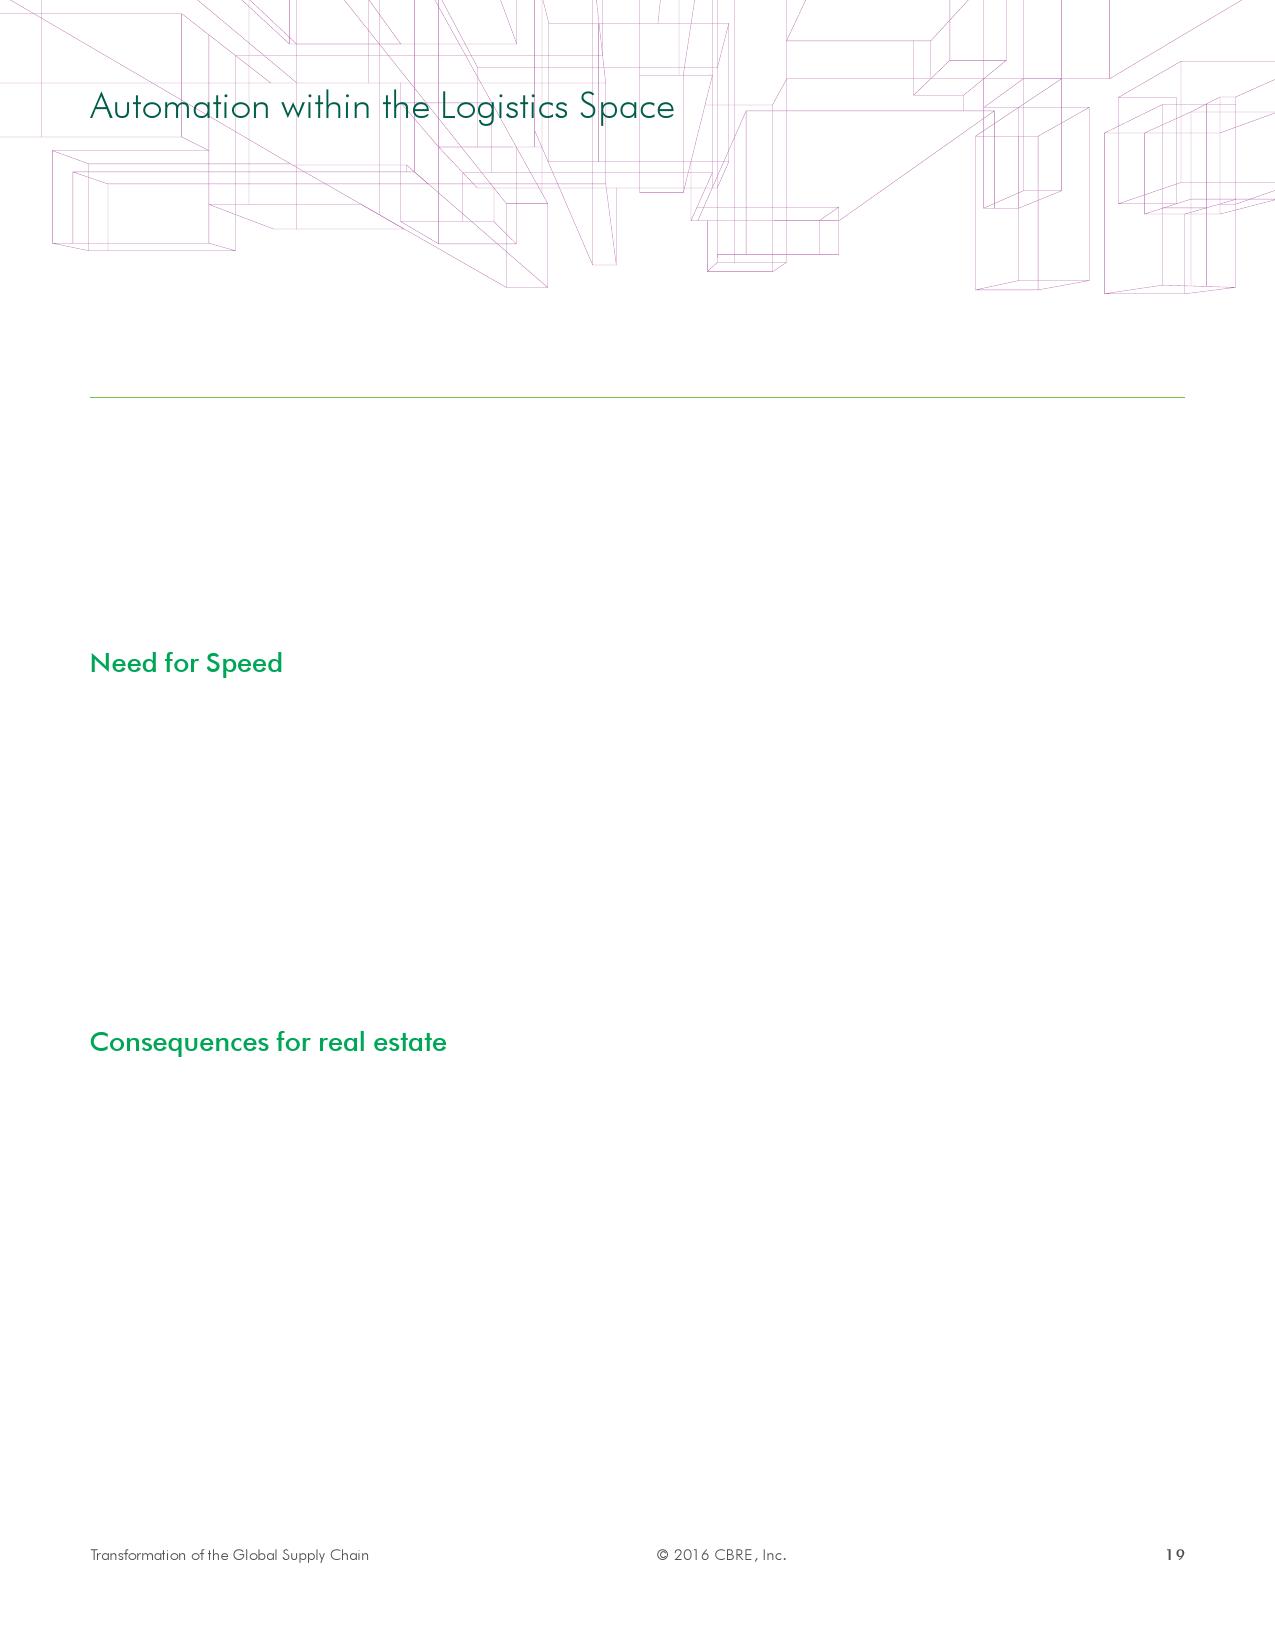 全球供应链升级-自动化技术驱动房地产变革_000019